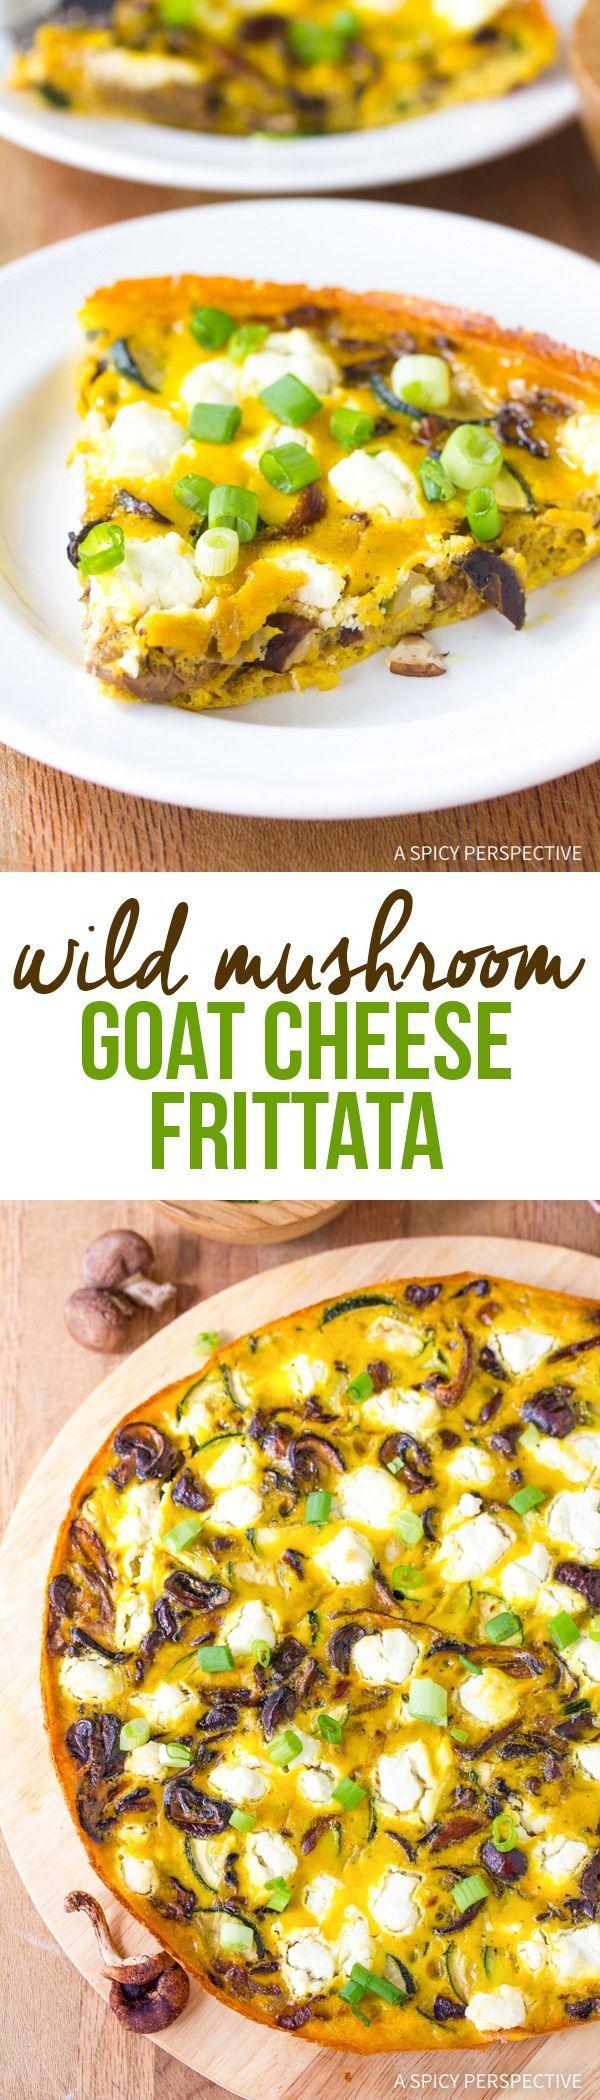 Amazing Wild Mushroom and Goat Cheese Frittata Recipe